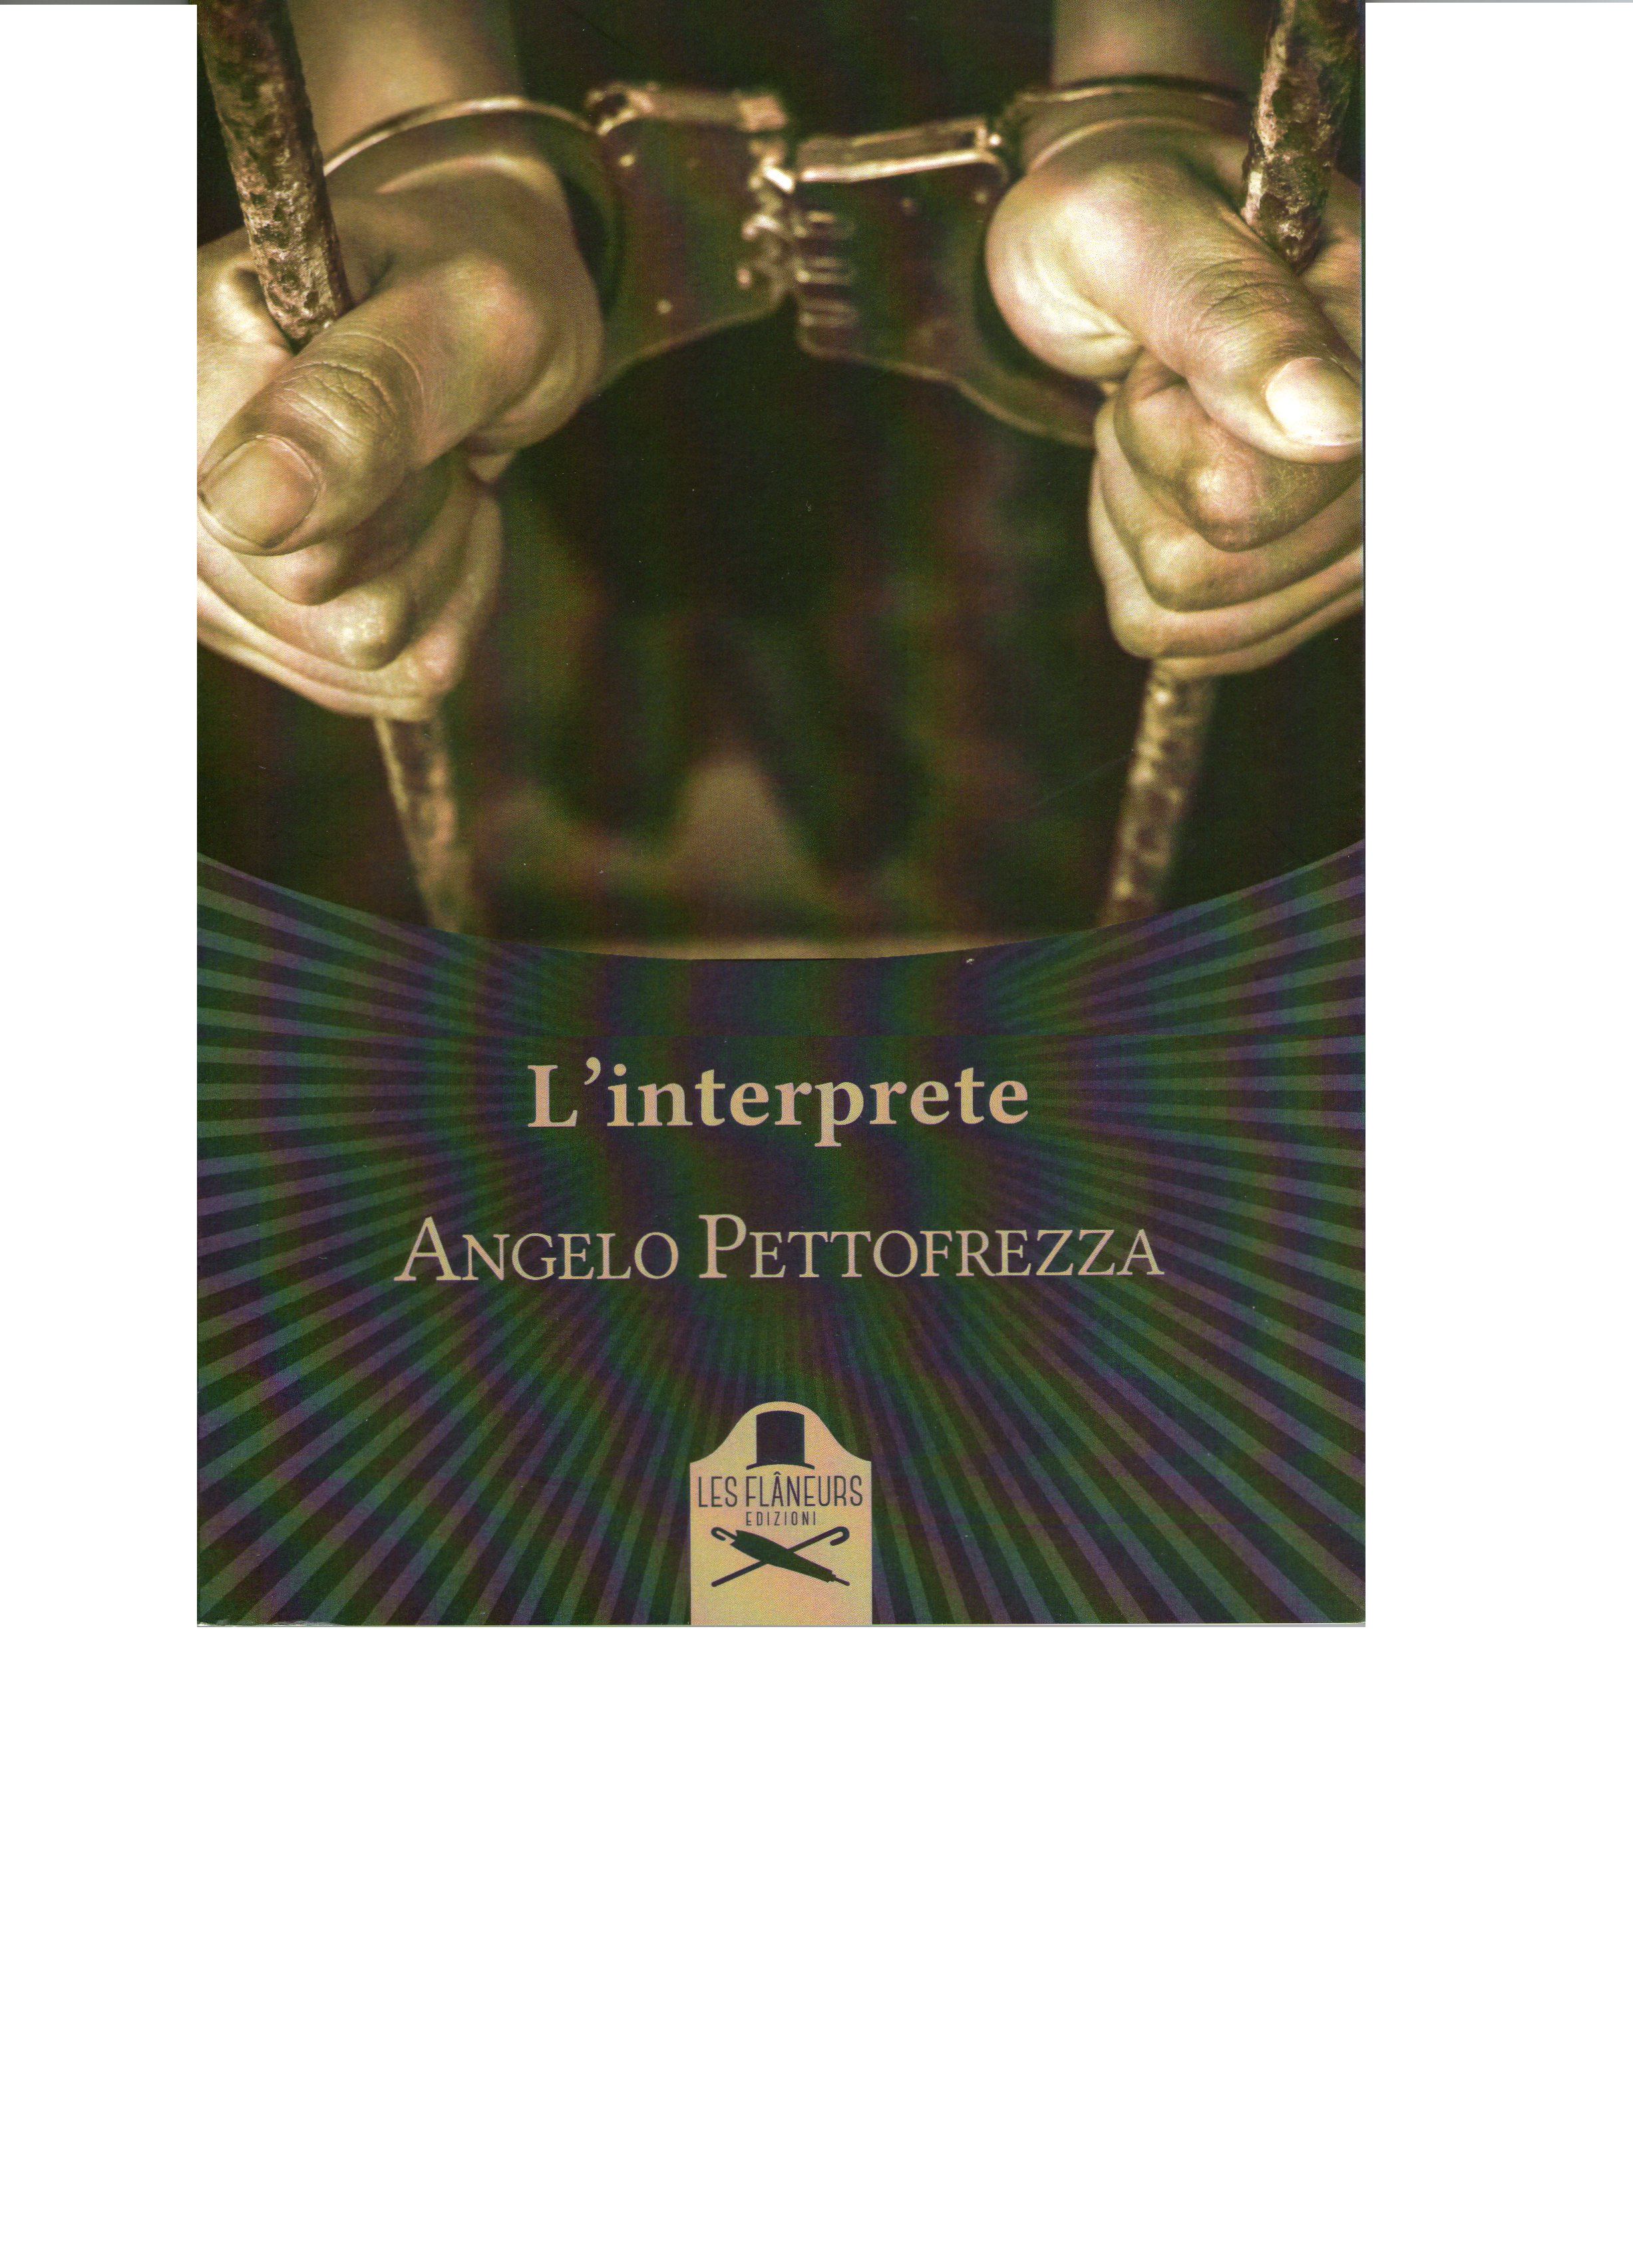 L'interprete di Angelo Pettofrezza